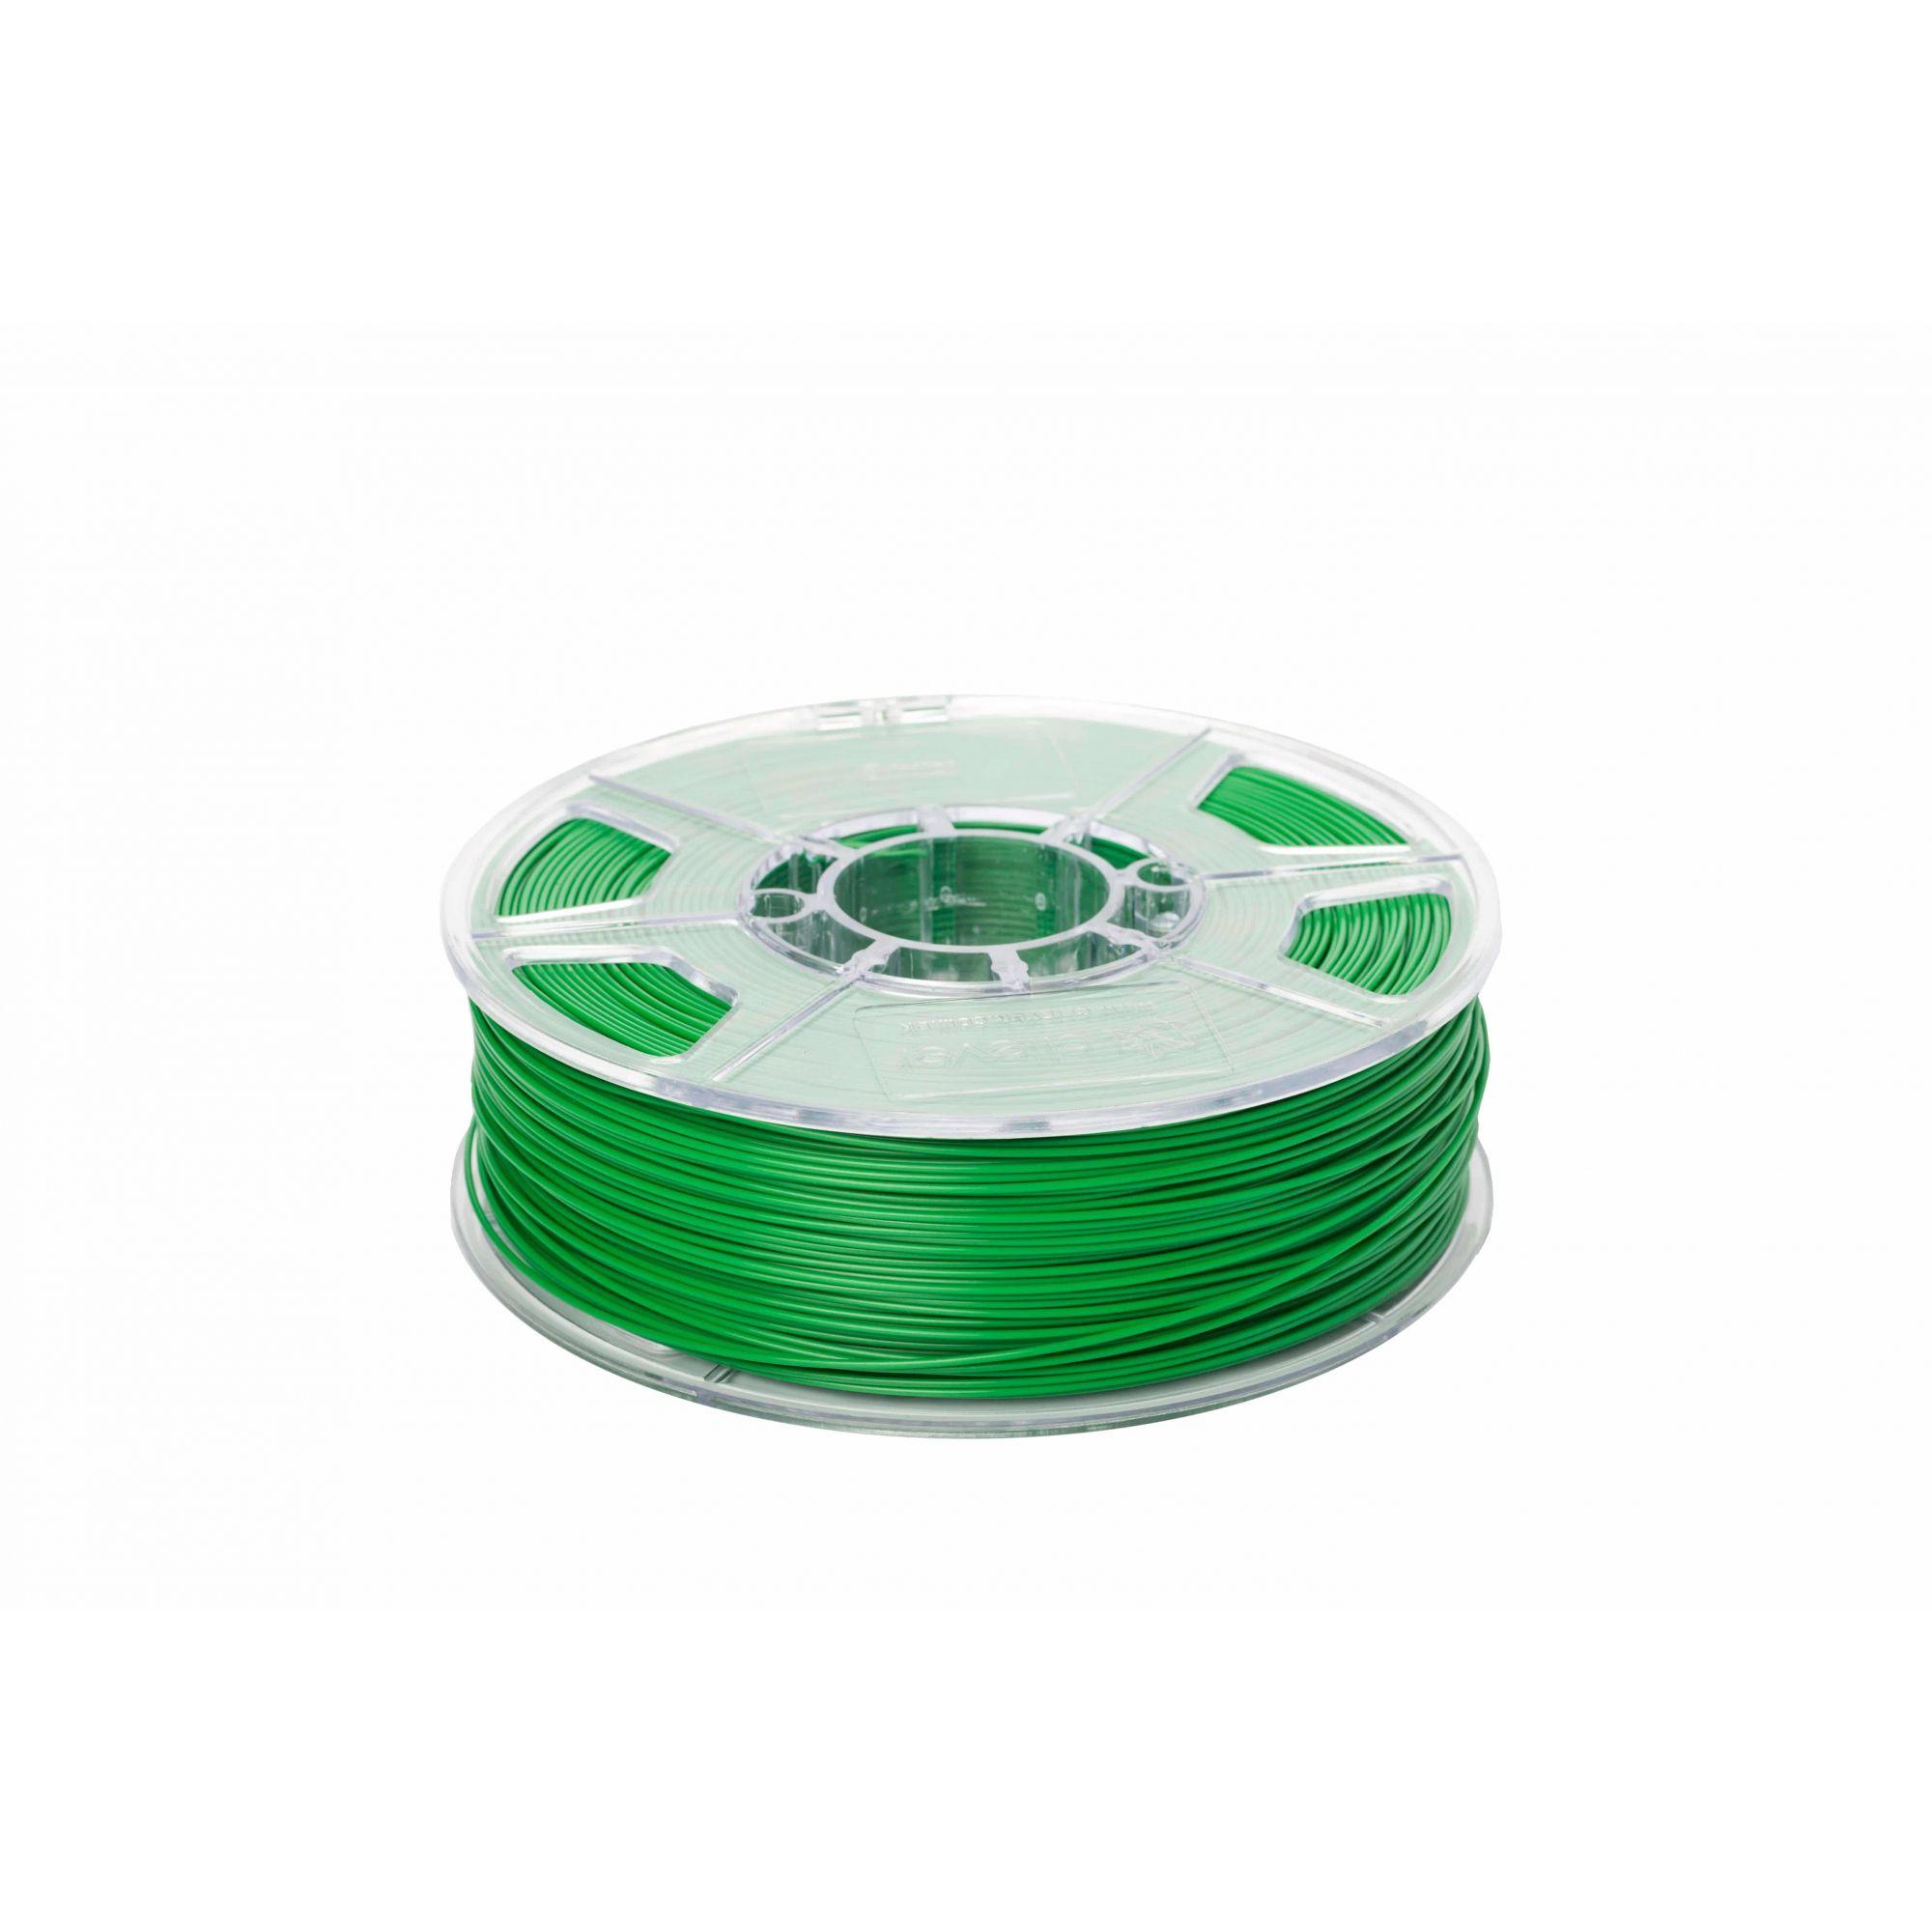 Filamento PLA - Verde - Cliever - 1.75mm - 1kg